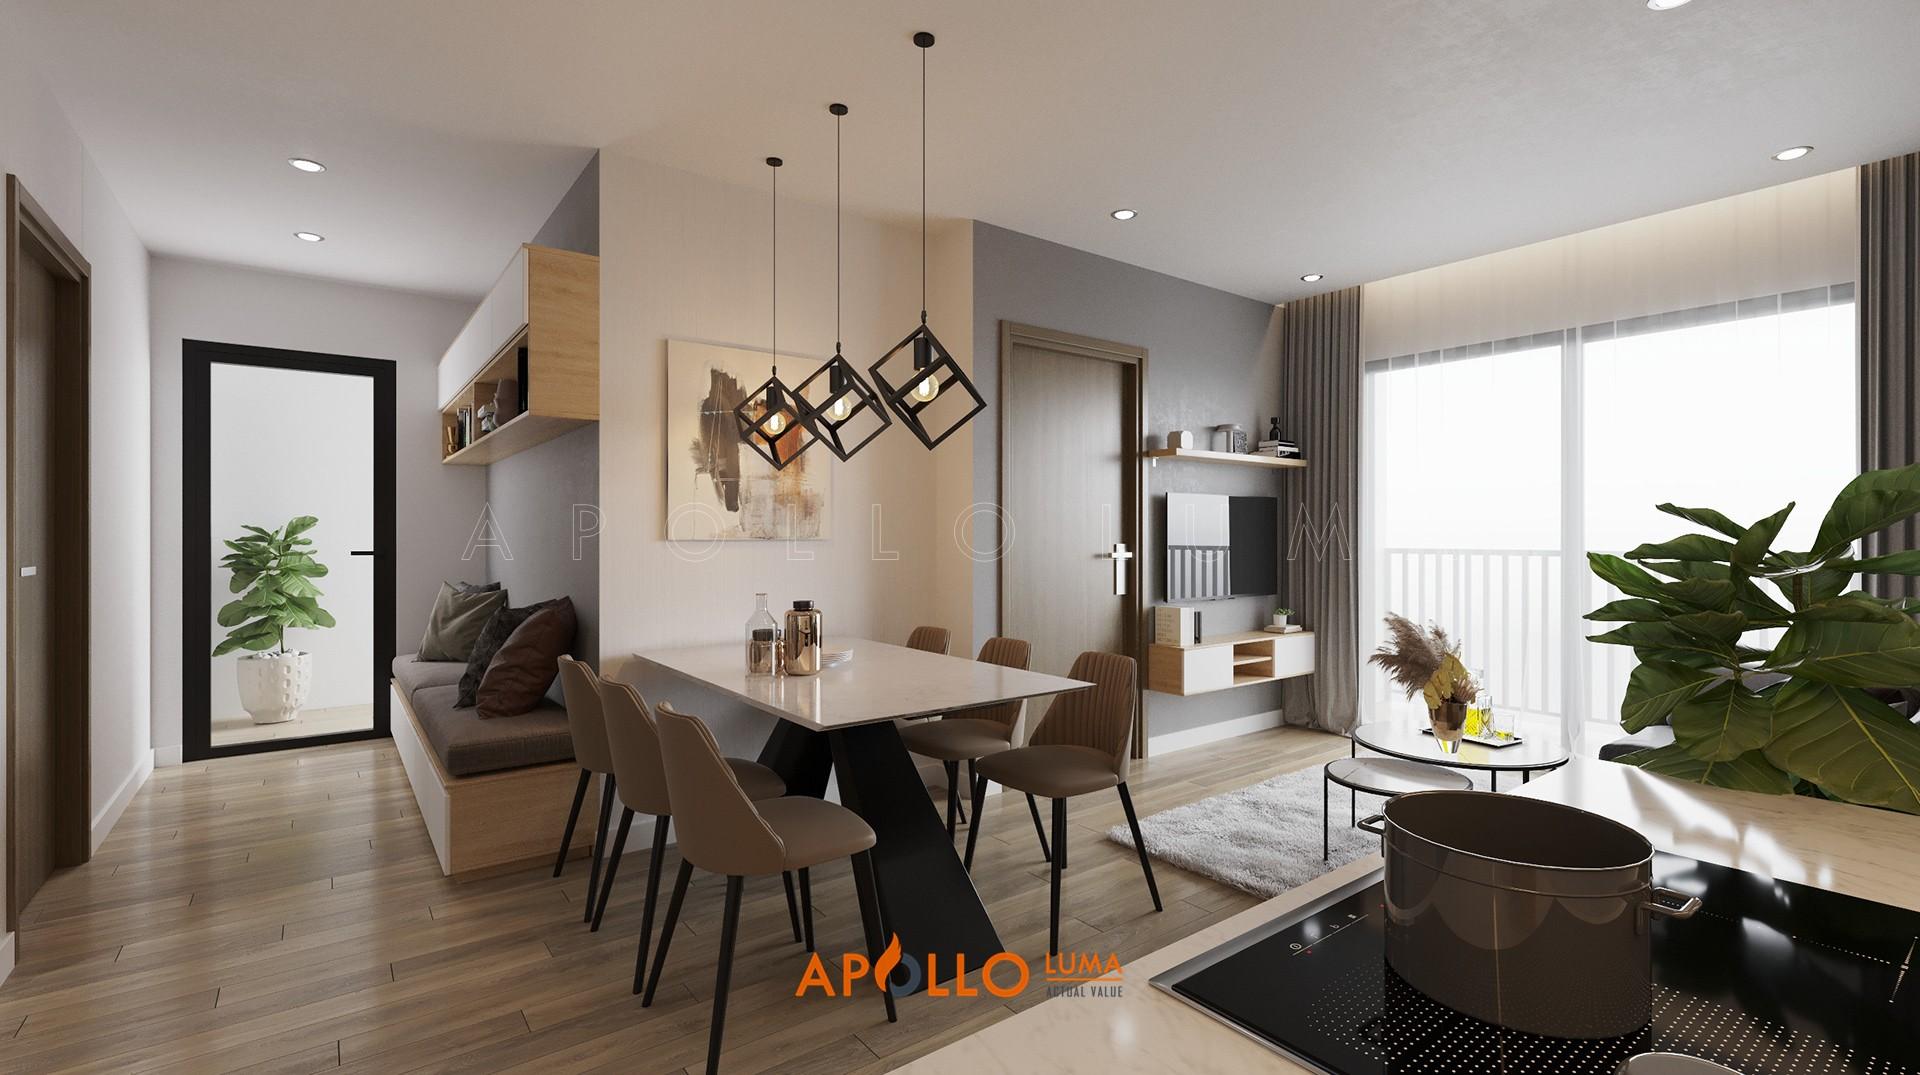 Thiết kế nội thất căn 2PN+1 (63m2) S4.02-08 Vinhomes Smart City Tây Mỗ